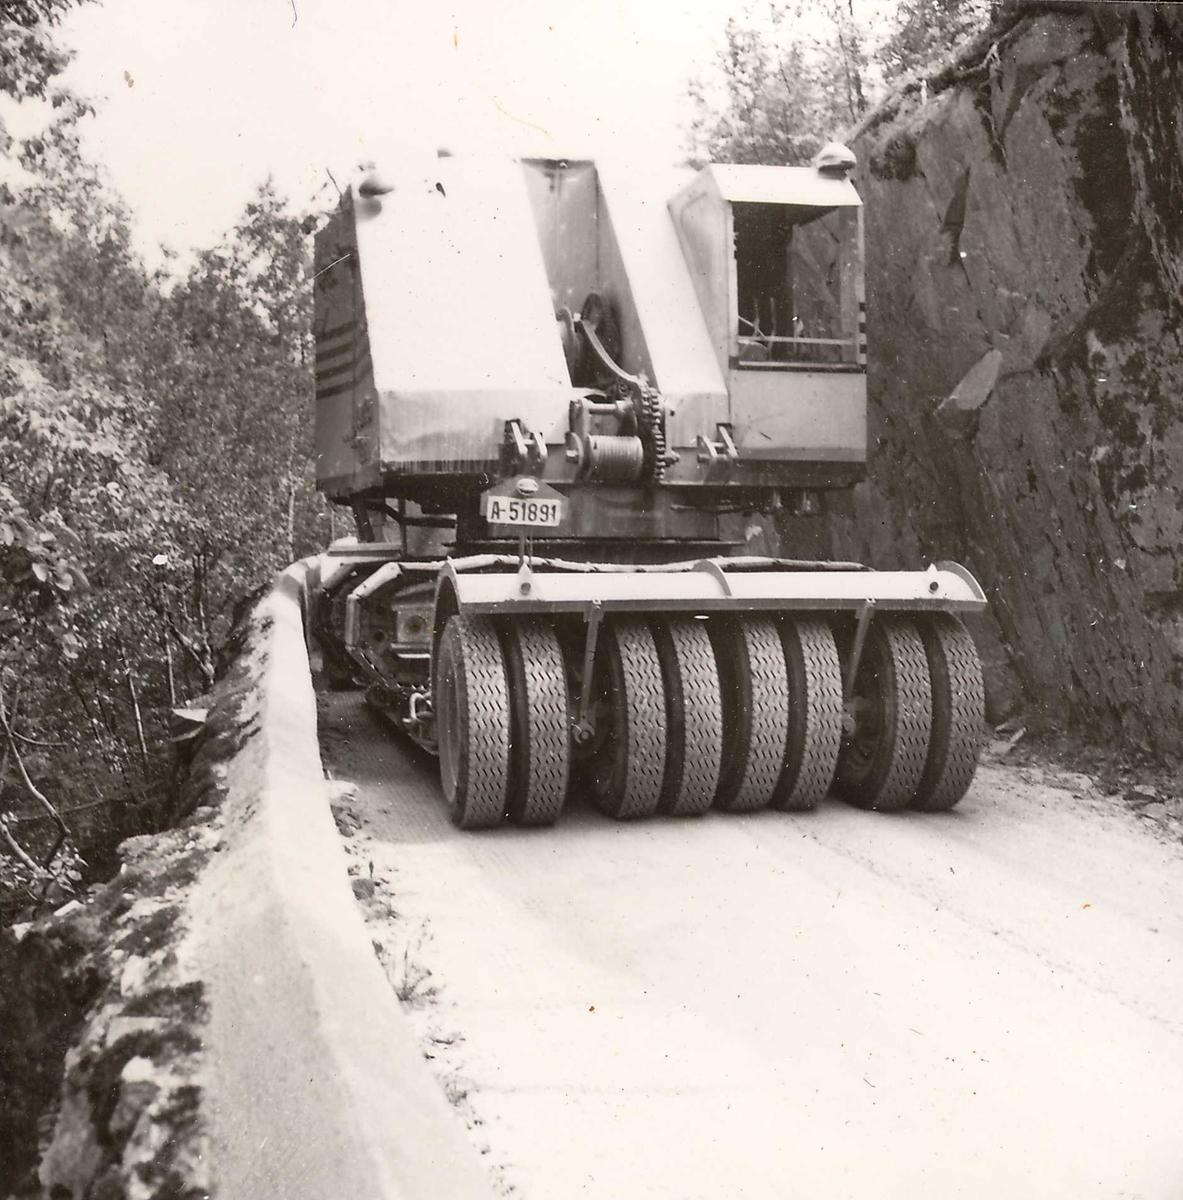 Transp Åmot- Dalen 16, juli 58